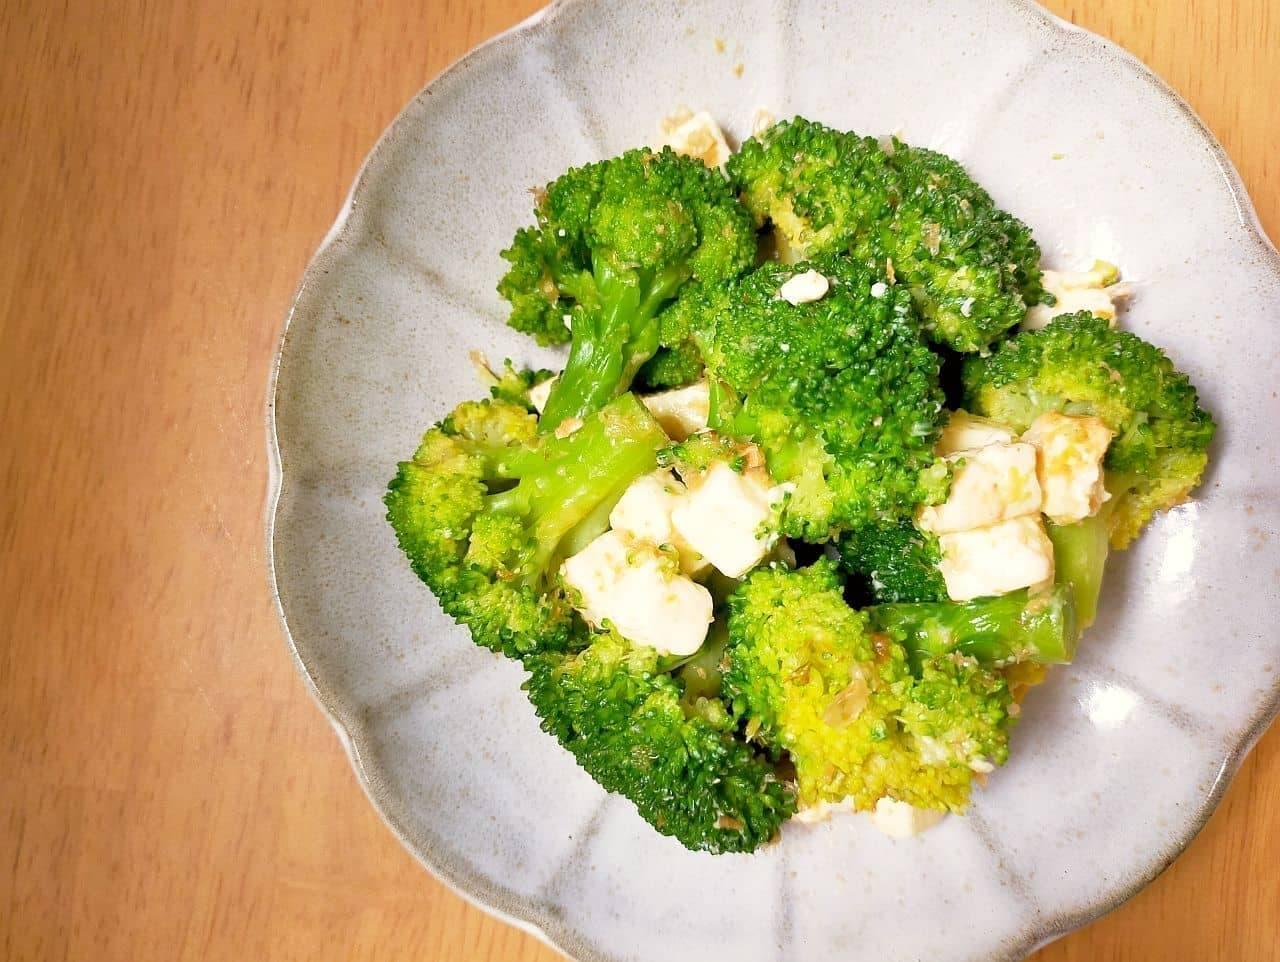 絶品レシピ「ブロッコリーのクリームチーズ和え」